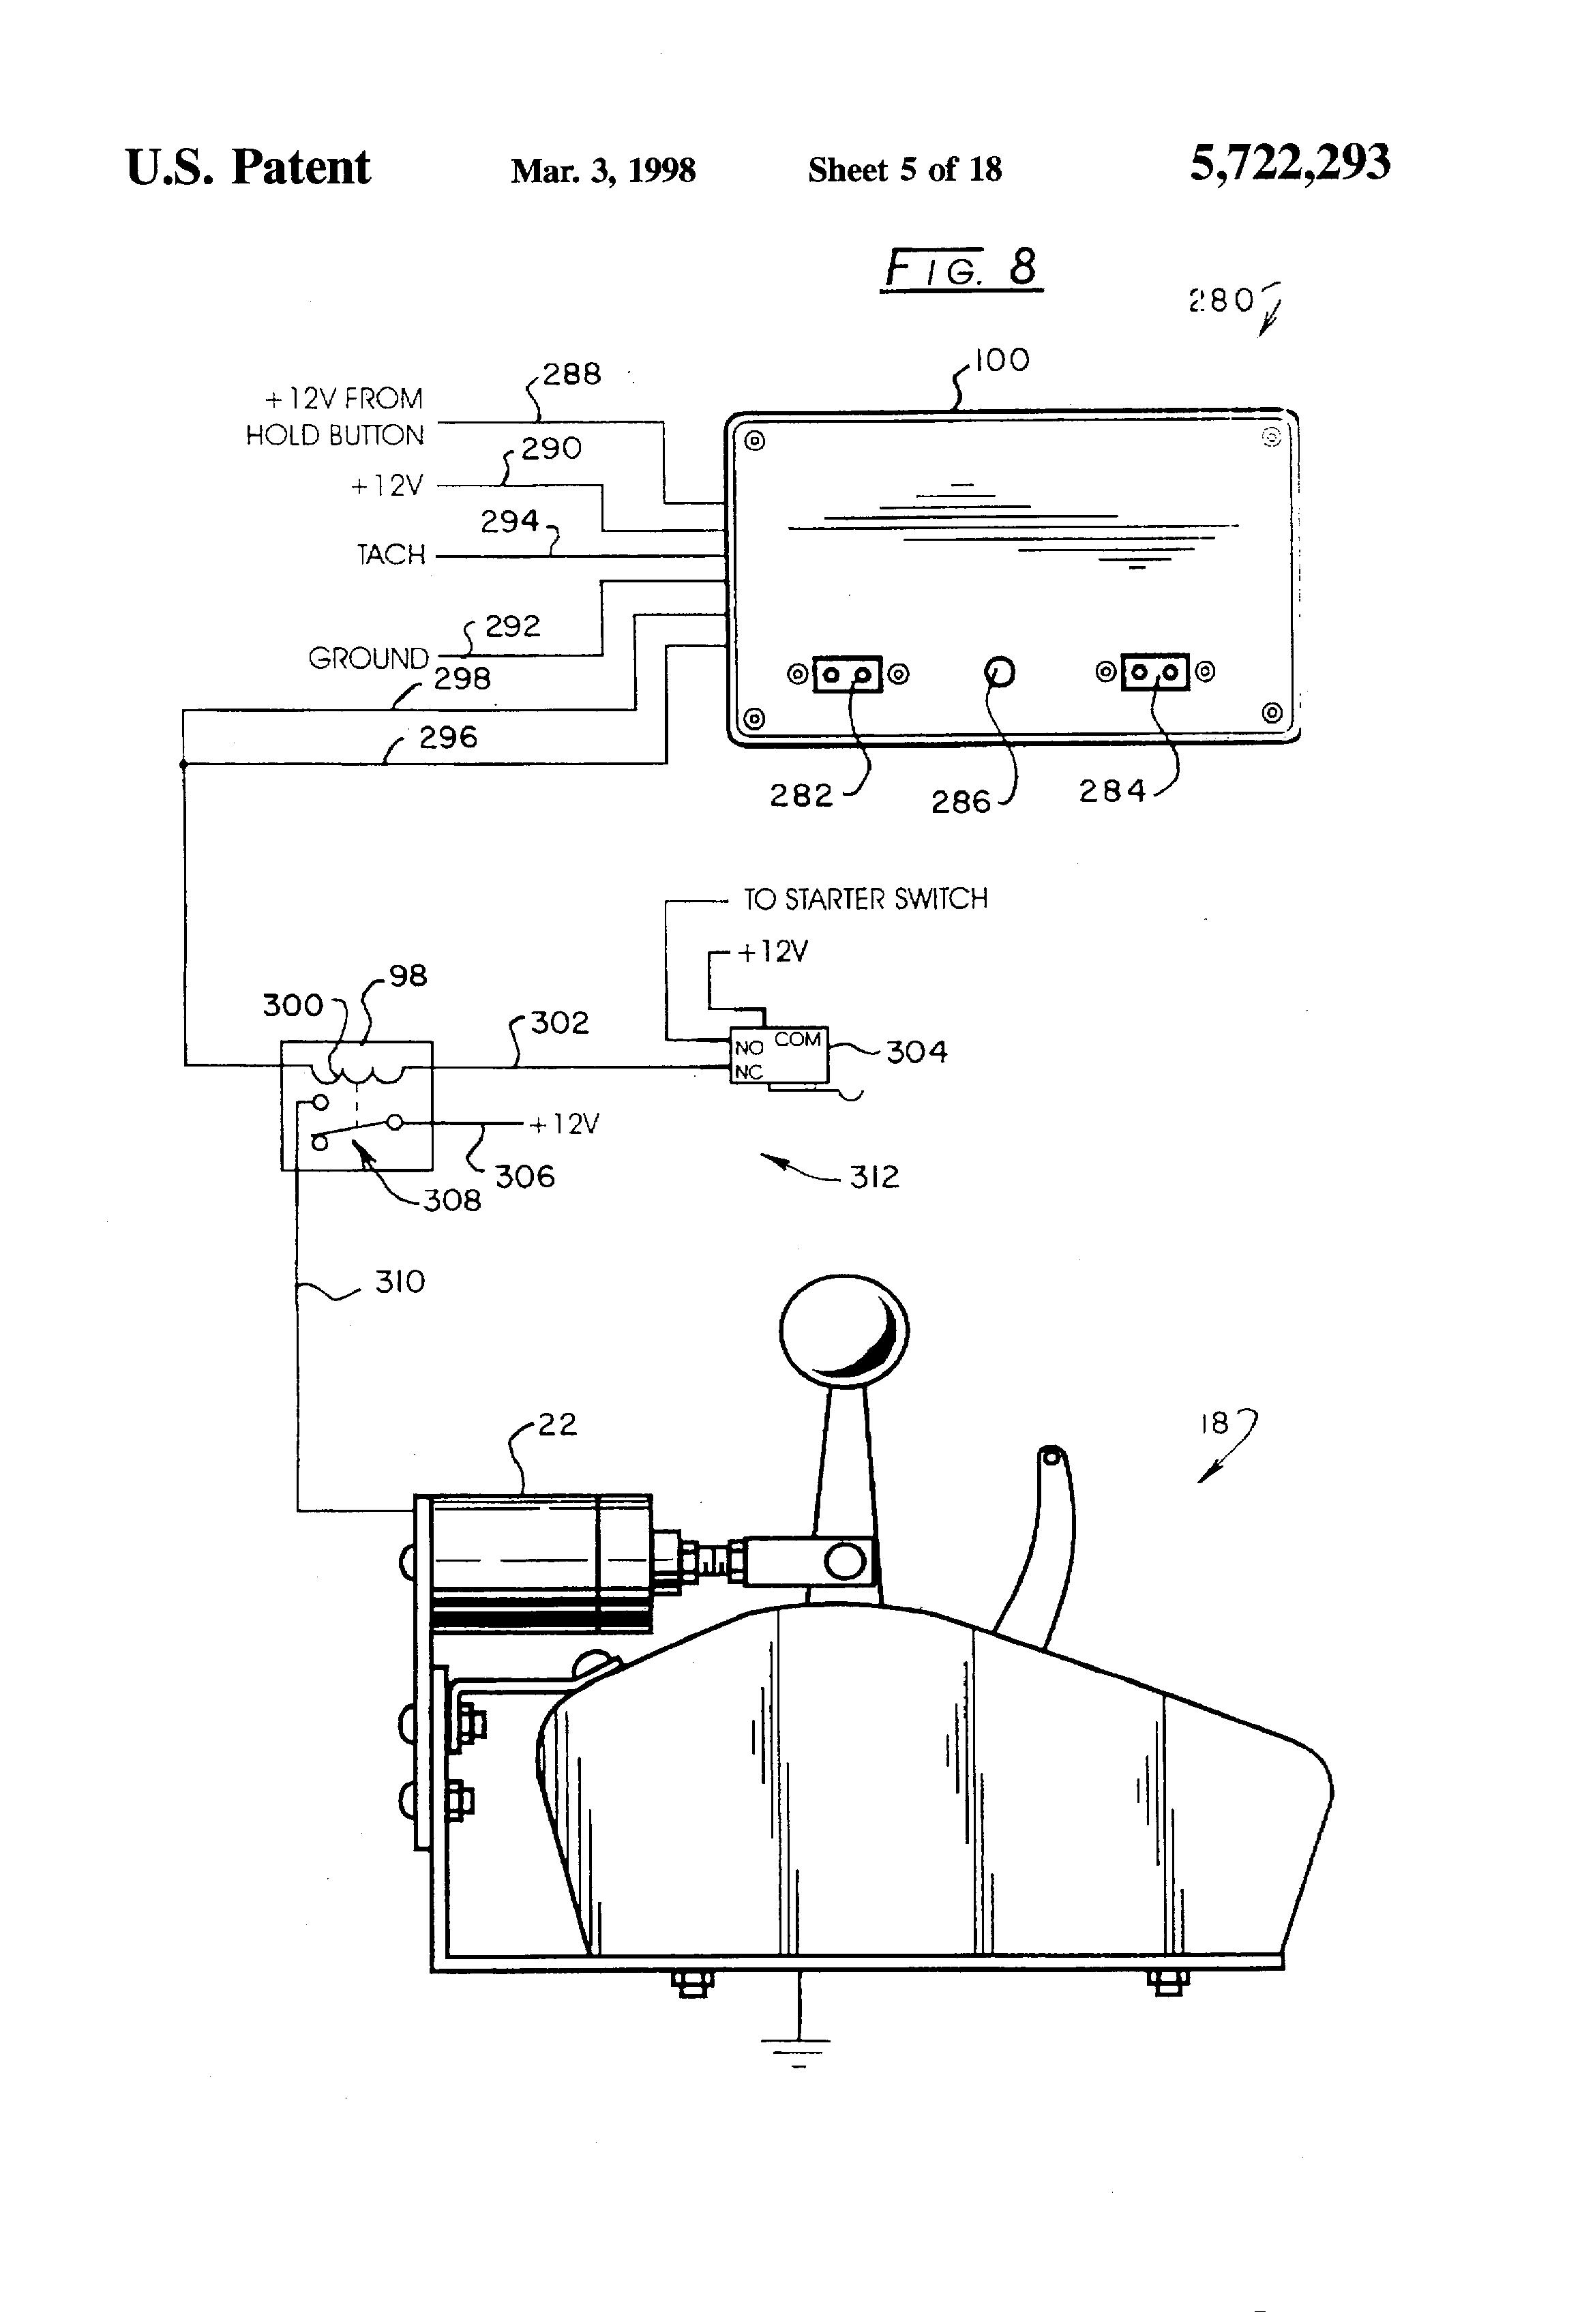 Shifnoid Wiring Diagram - Wiring Diagrams Schematics